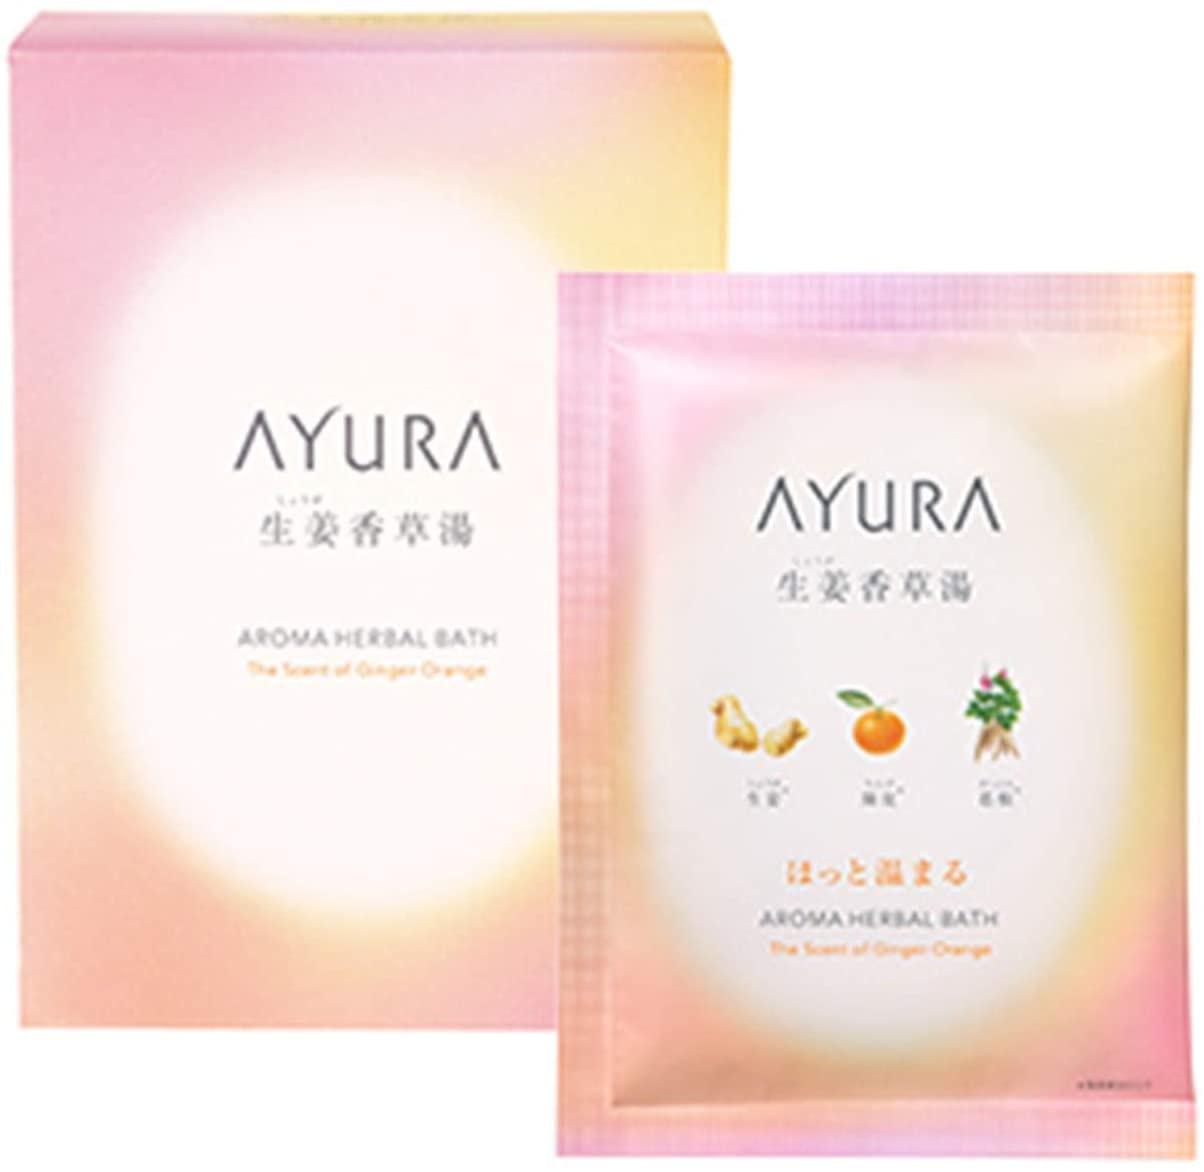 AYURA(アユーラ) 生姜香草湯αの商品画像